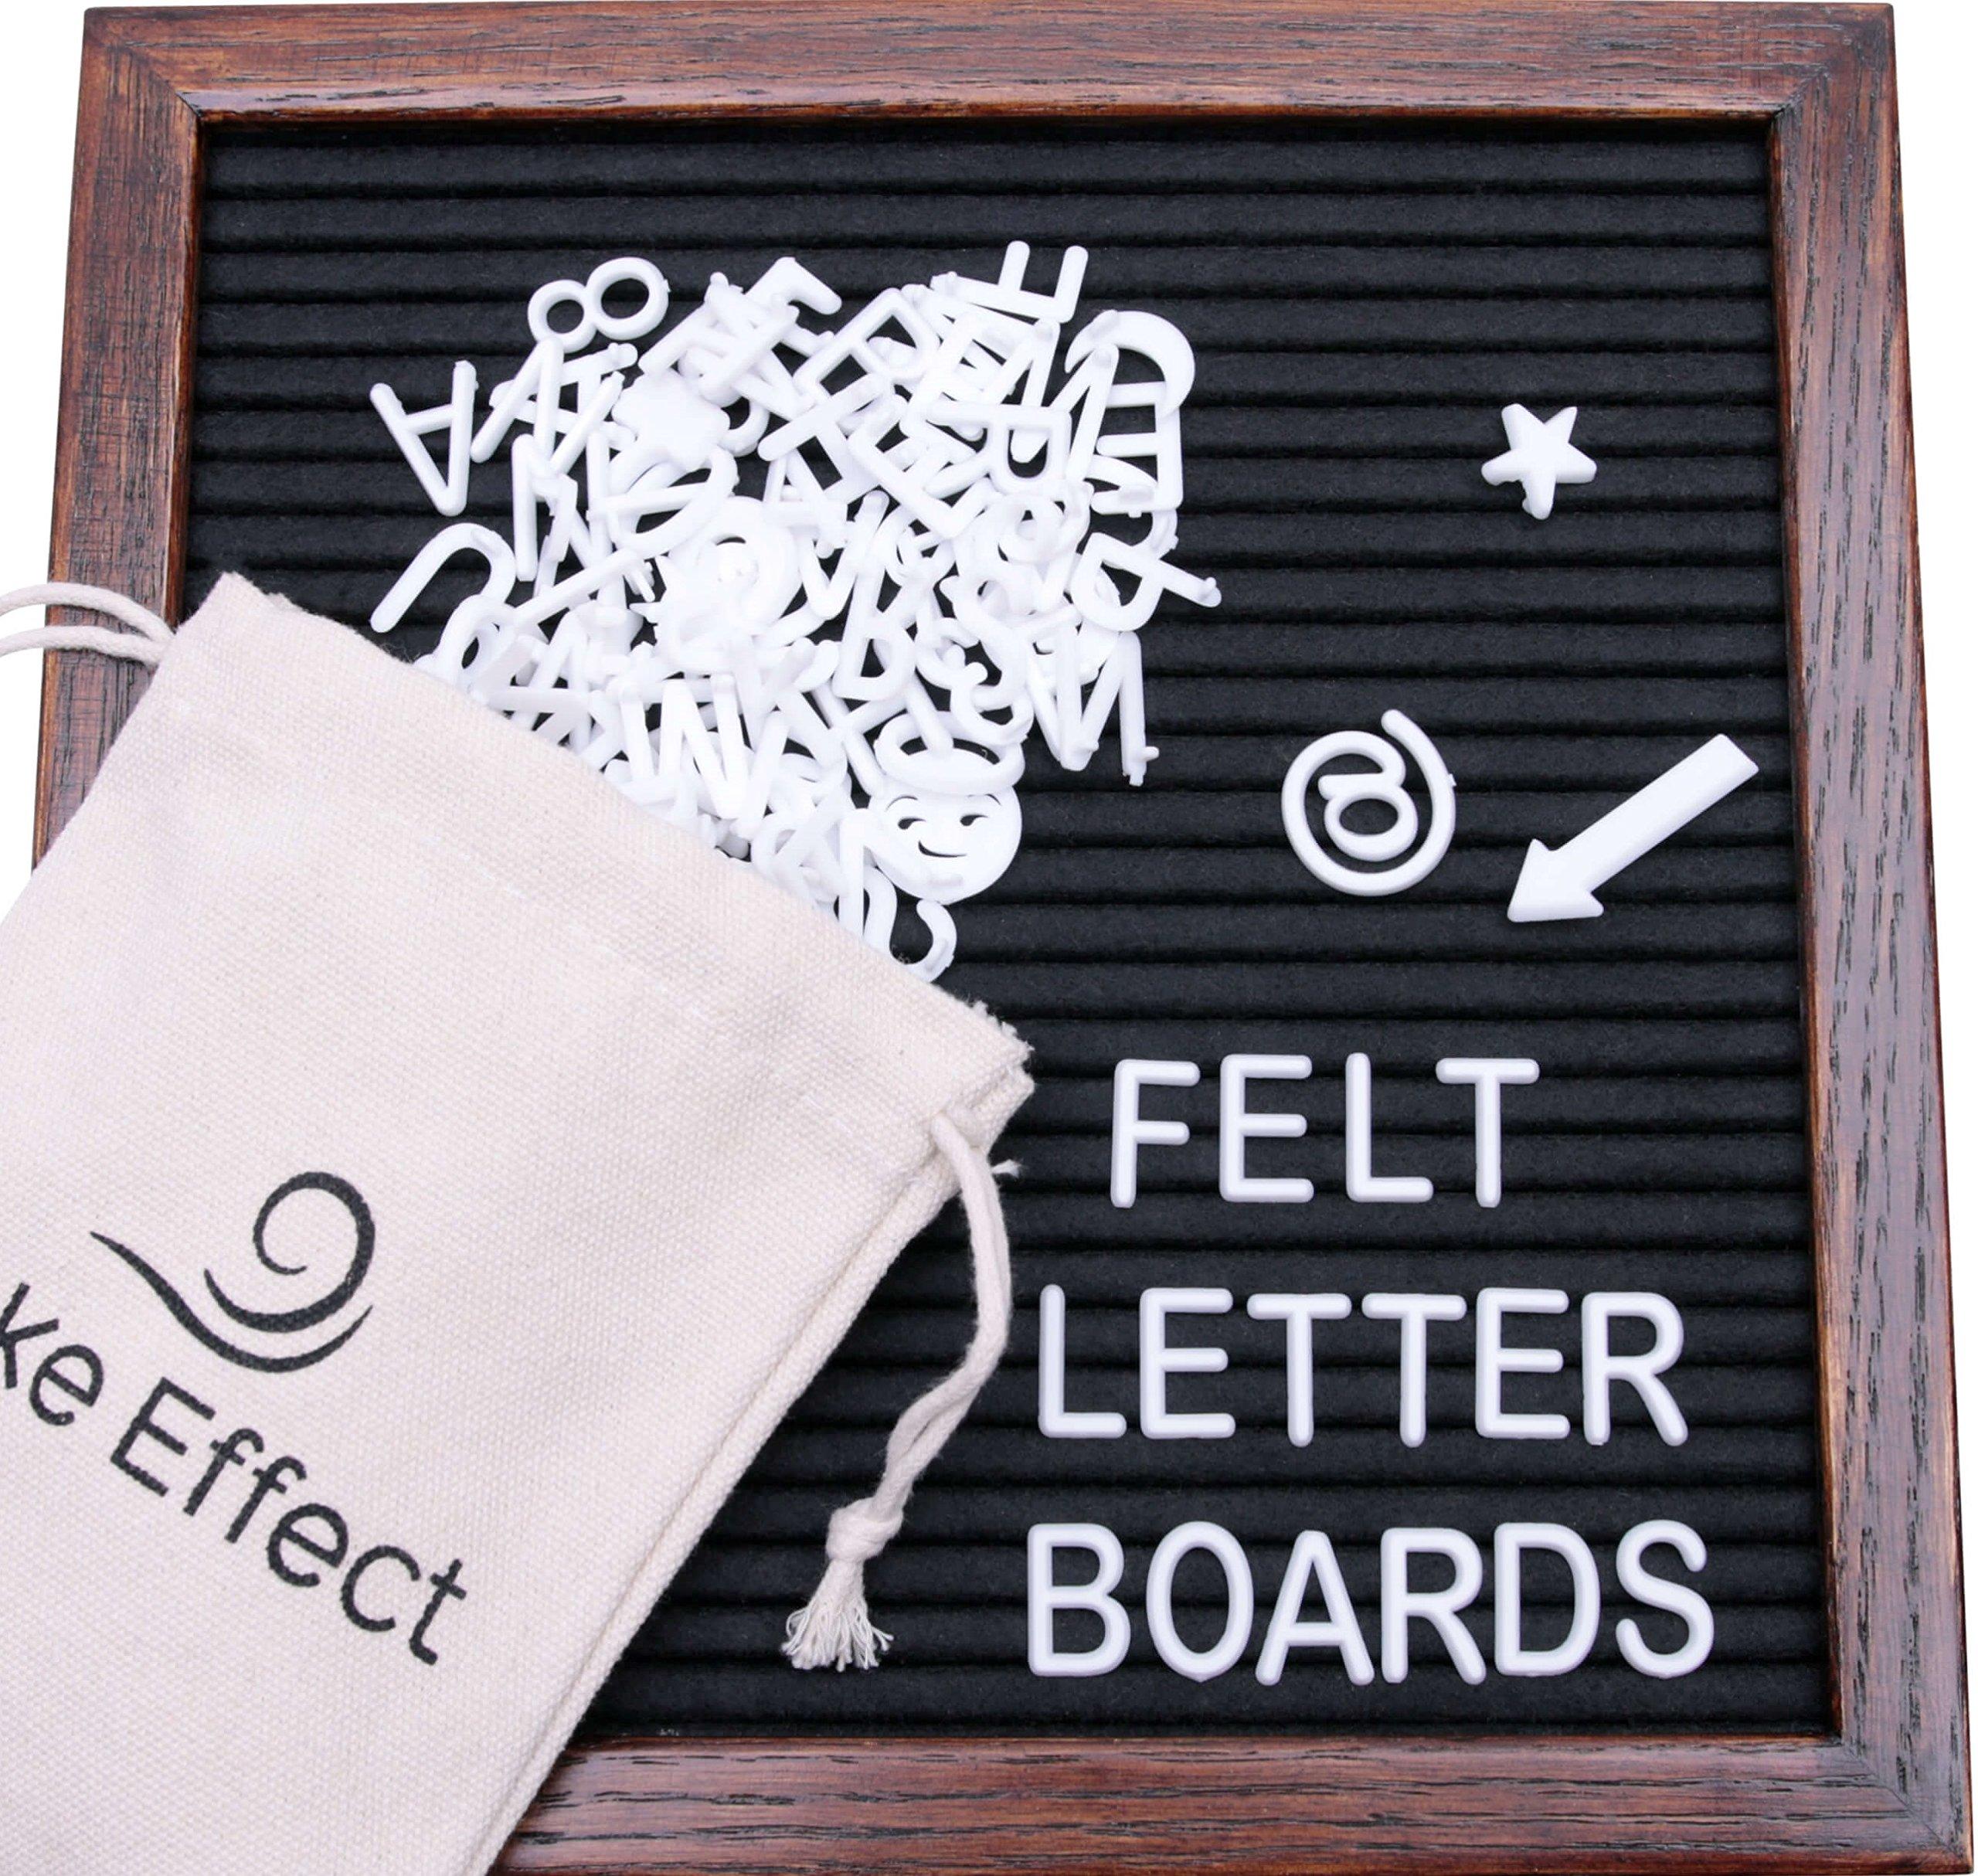 Letter Board Premium Felt 10x10 Wooden - 346 White/Glow in the Dark ...